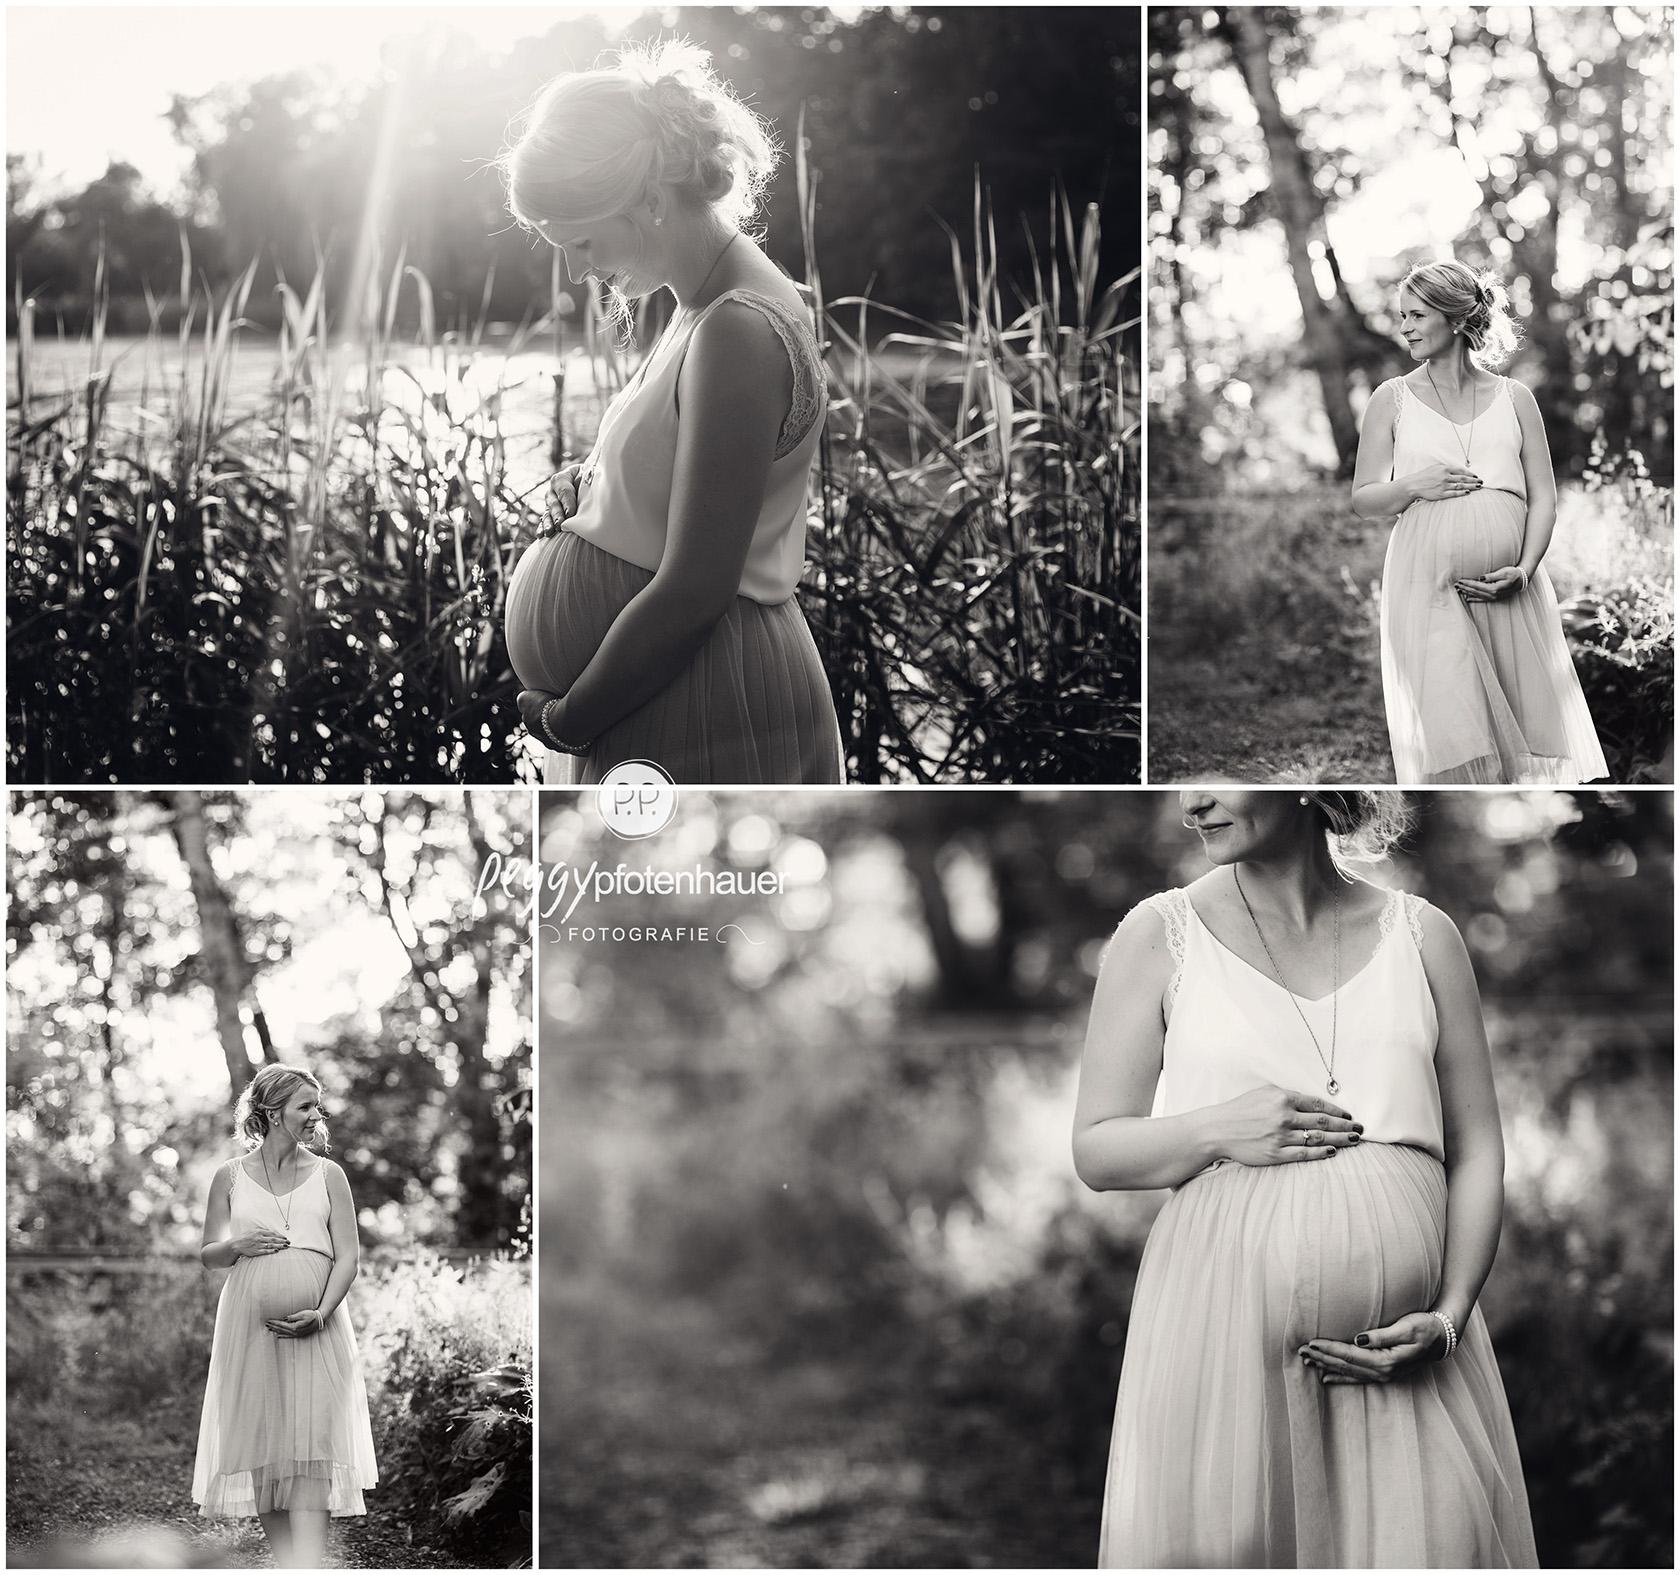 Schwangerschaftsphotos zum Sonnenuntergang